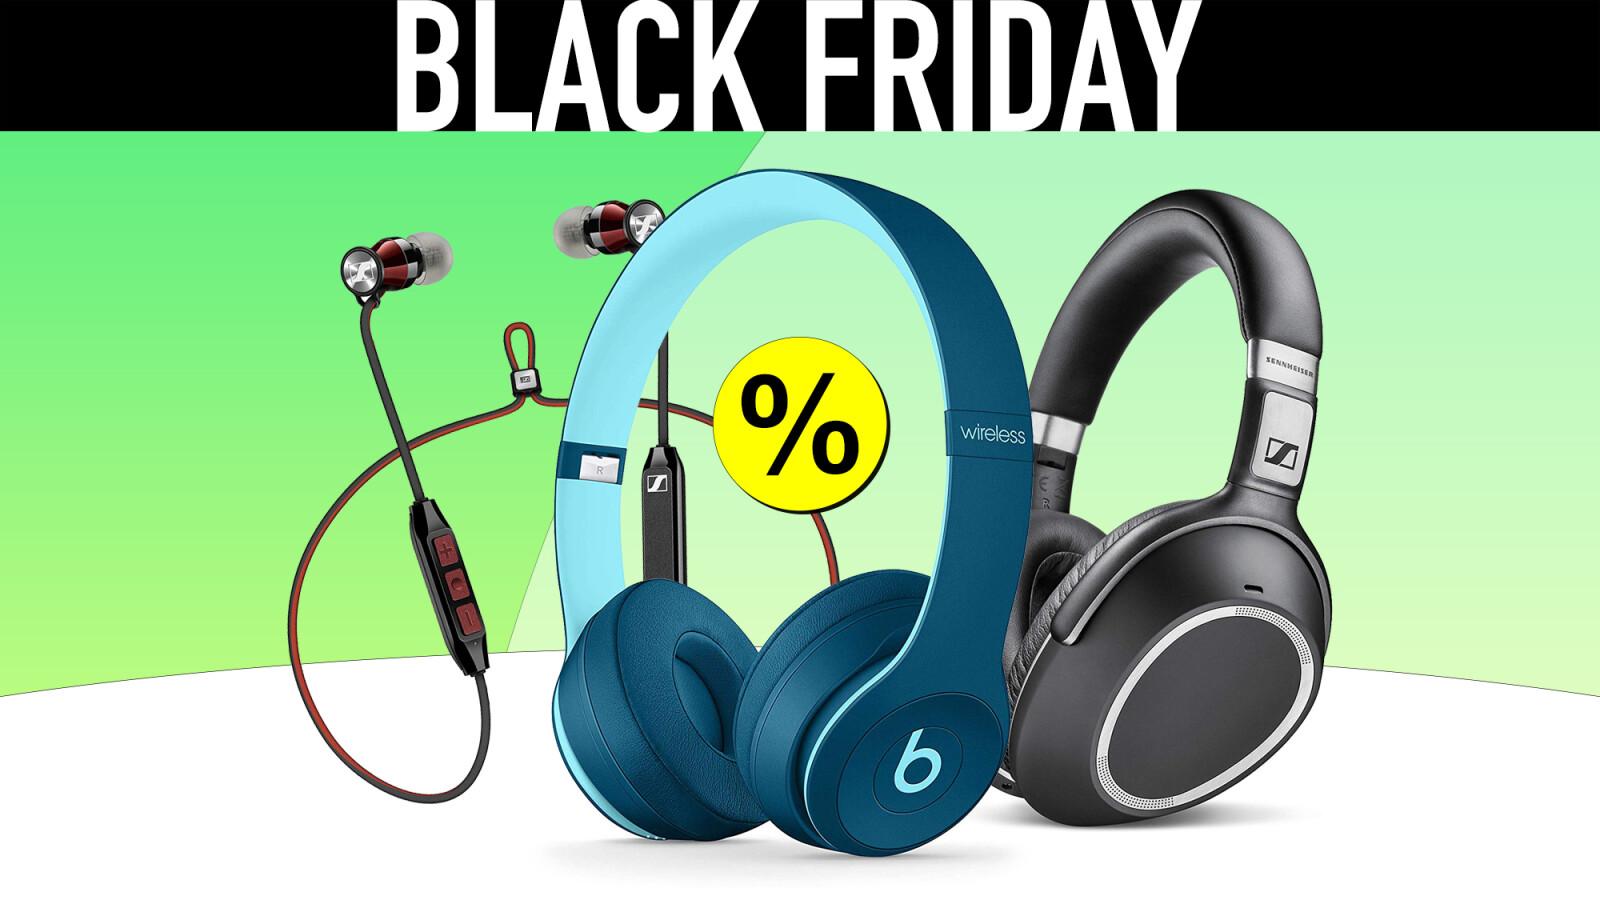 Kopfhörer-Angebote am Black Friday: Sony, Bose und AirPods massiv im Preis gesenkt